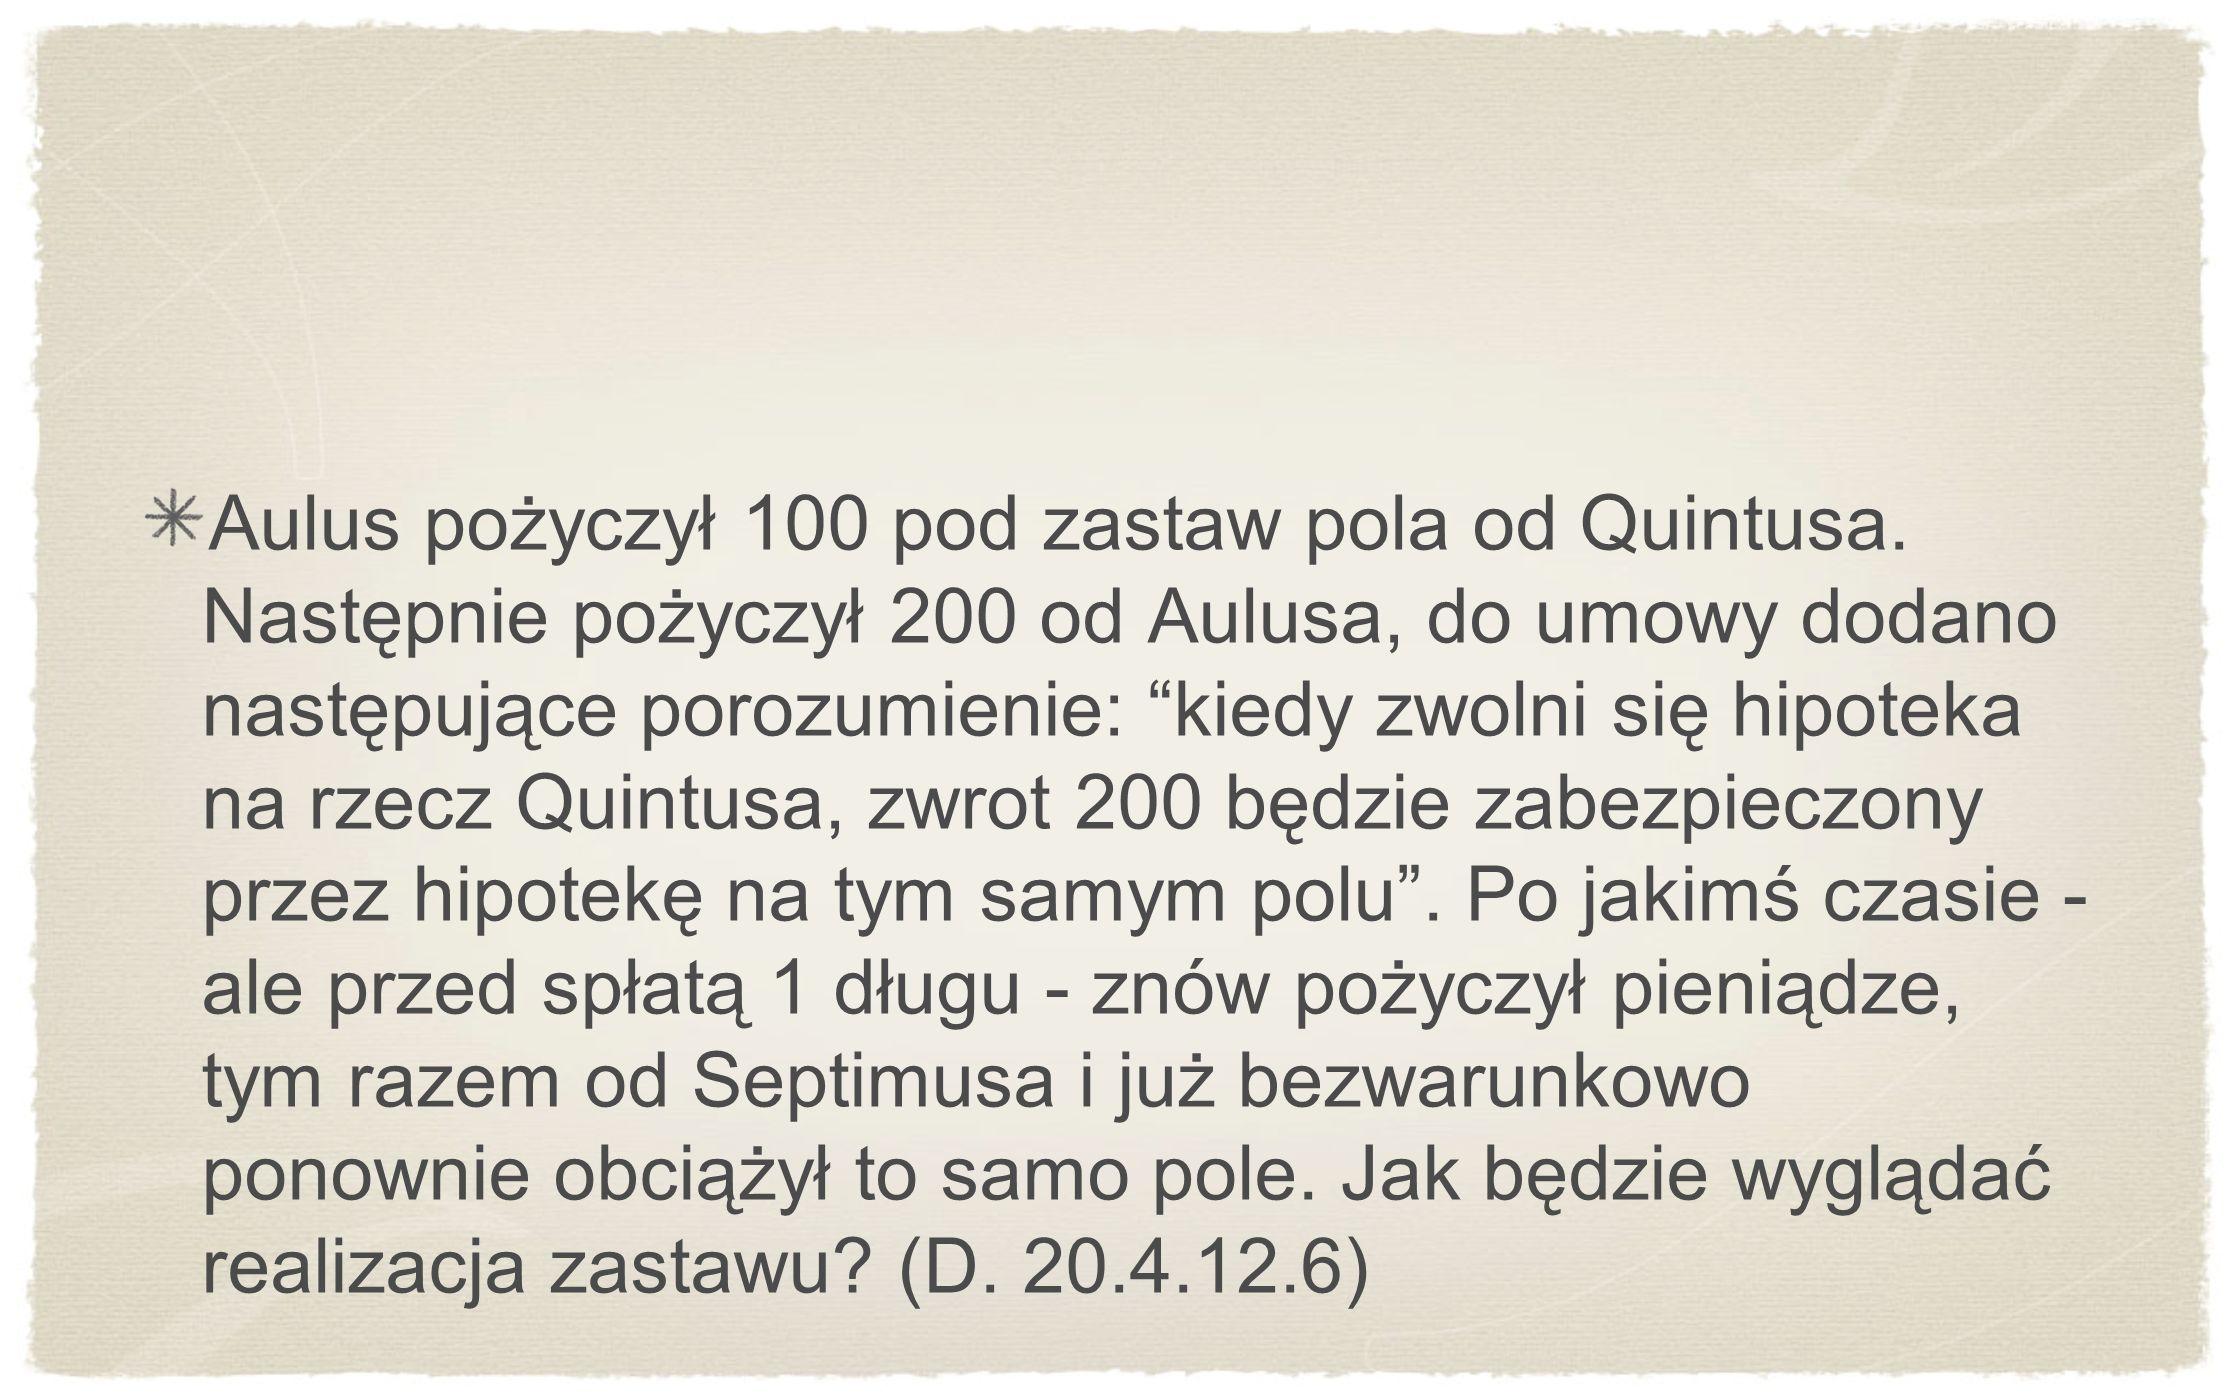 Aulus pożyczył 100 pod zastaw pola od Quintusa